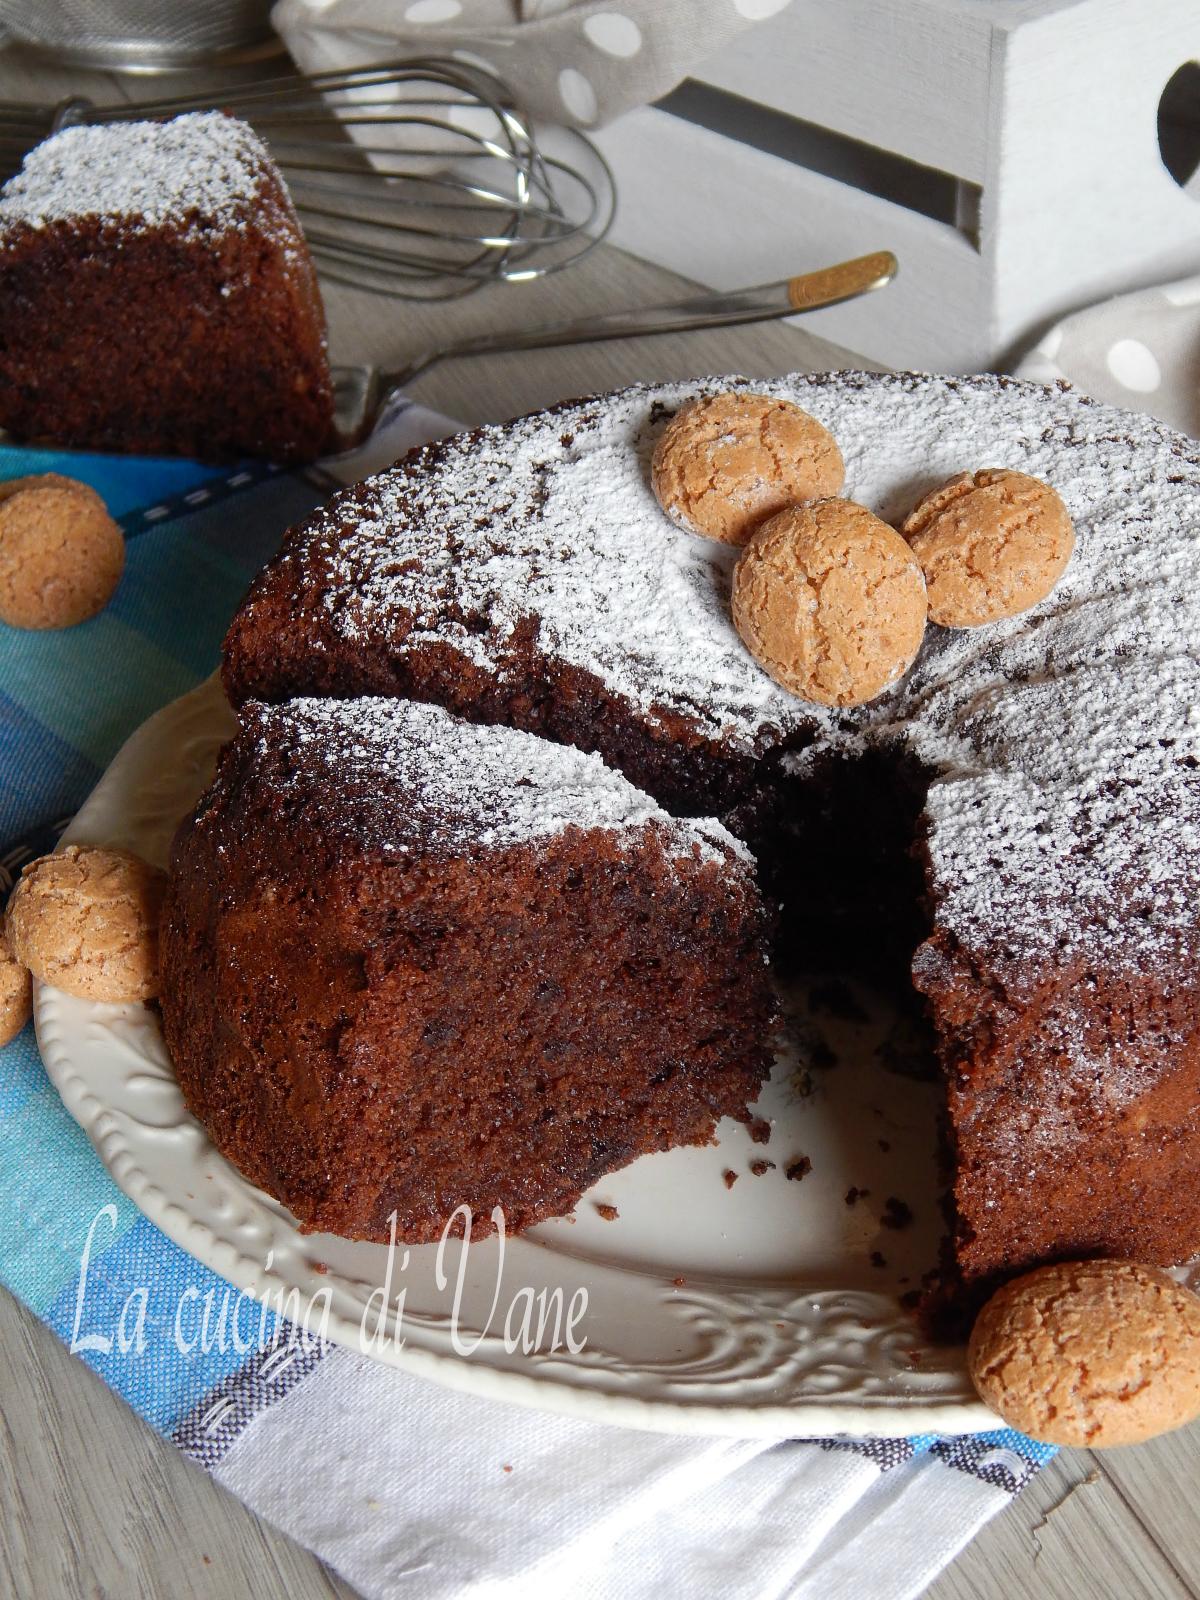 Fernanda e a torta de brigadeiro com porra - 2 part 7